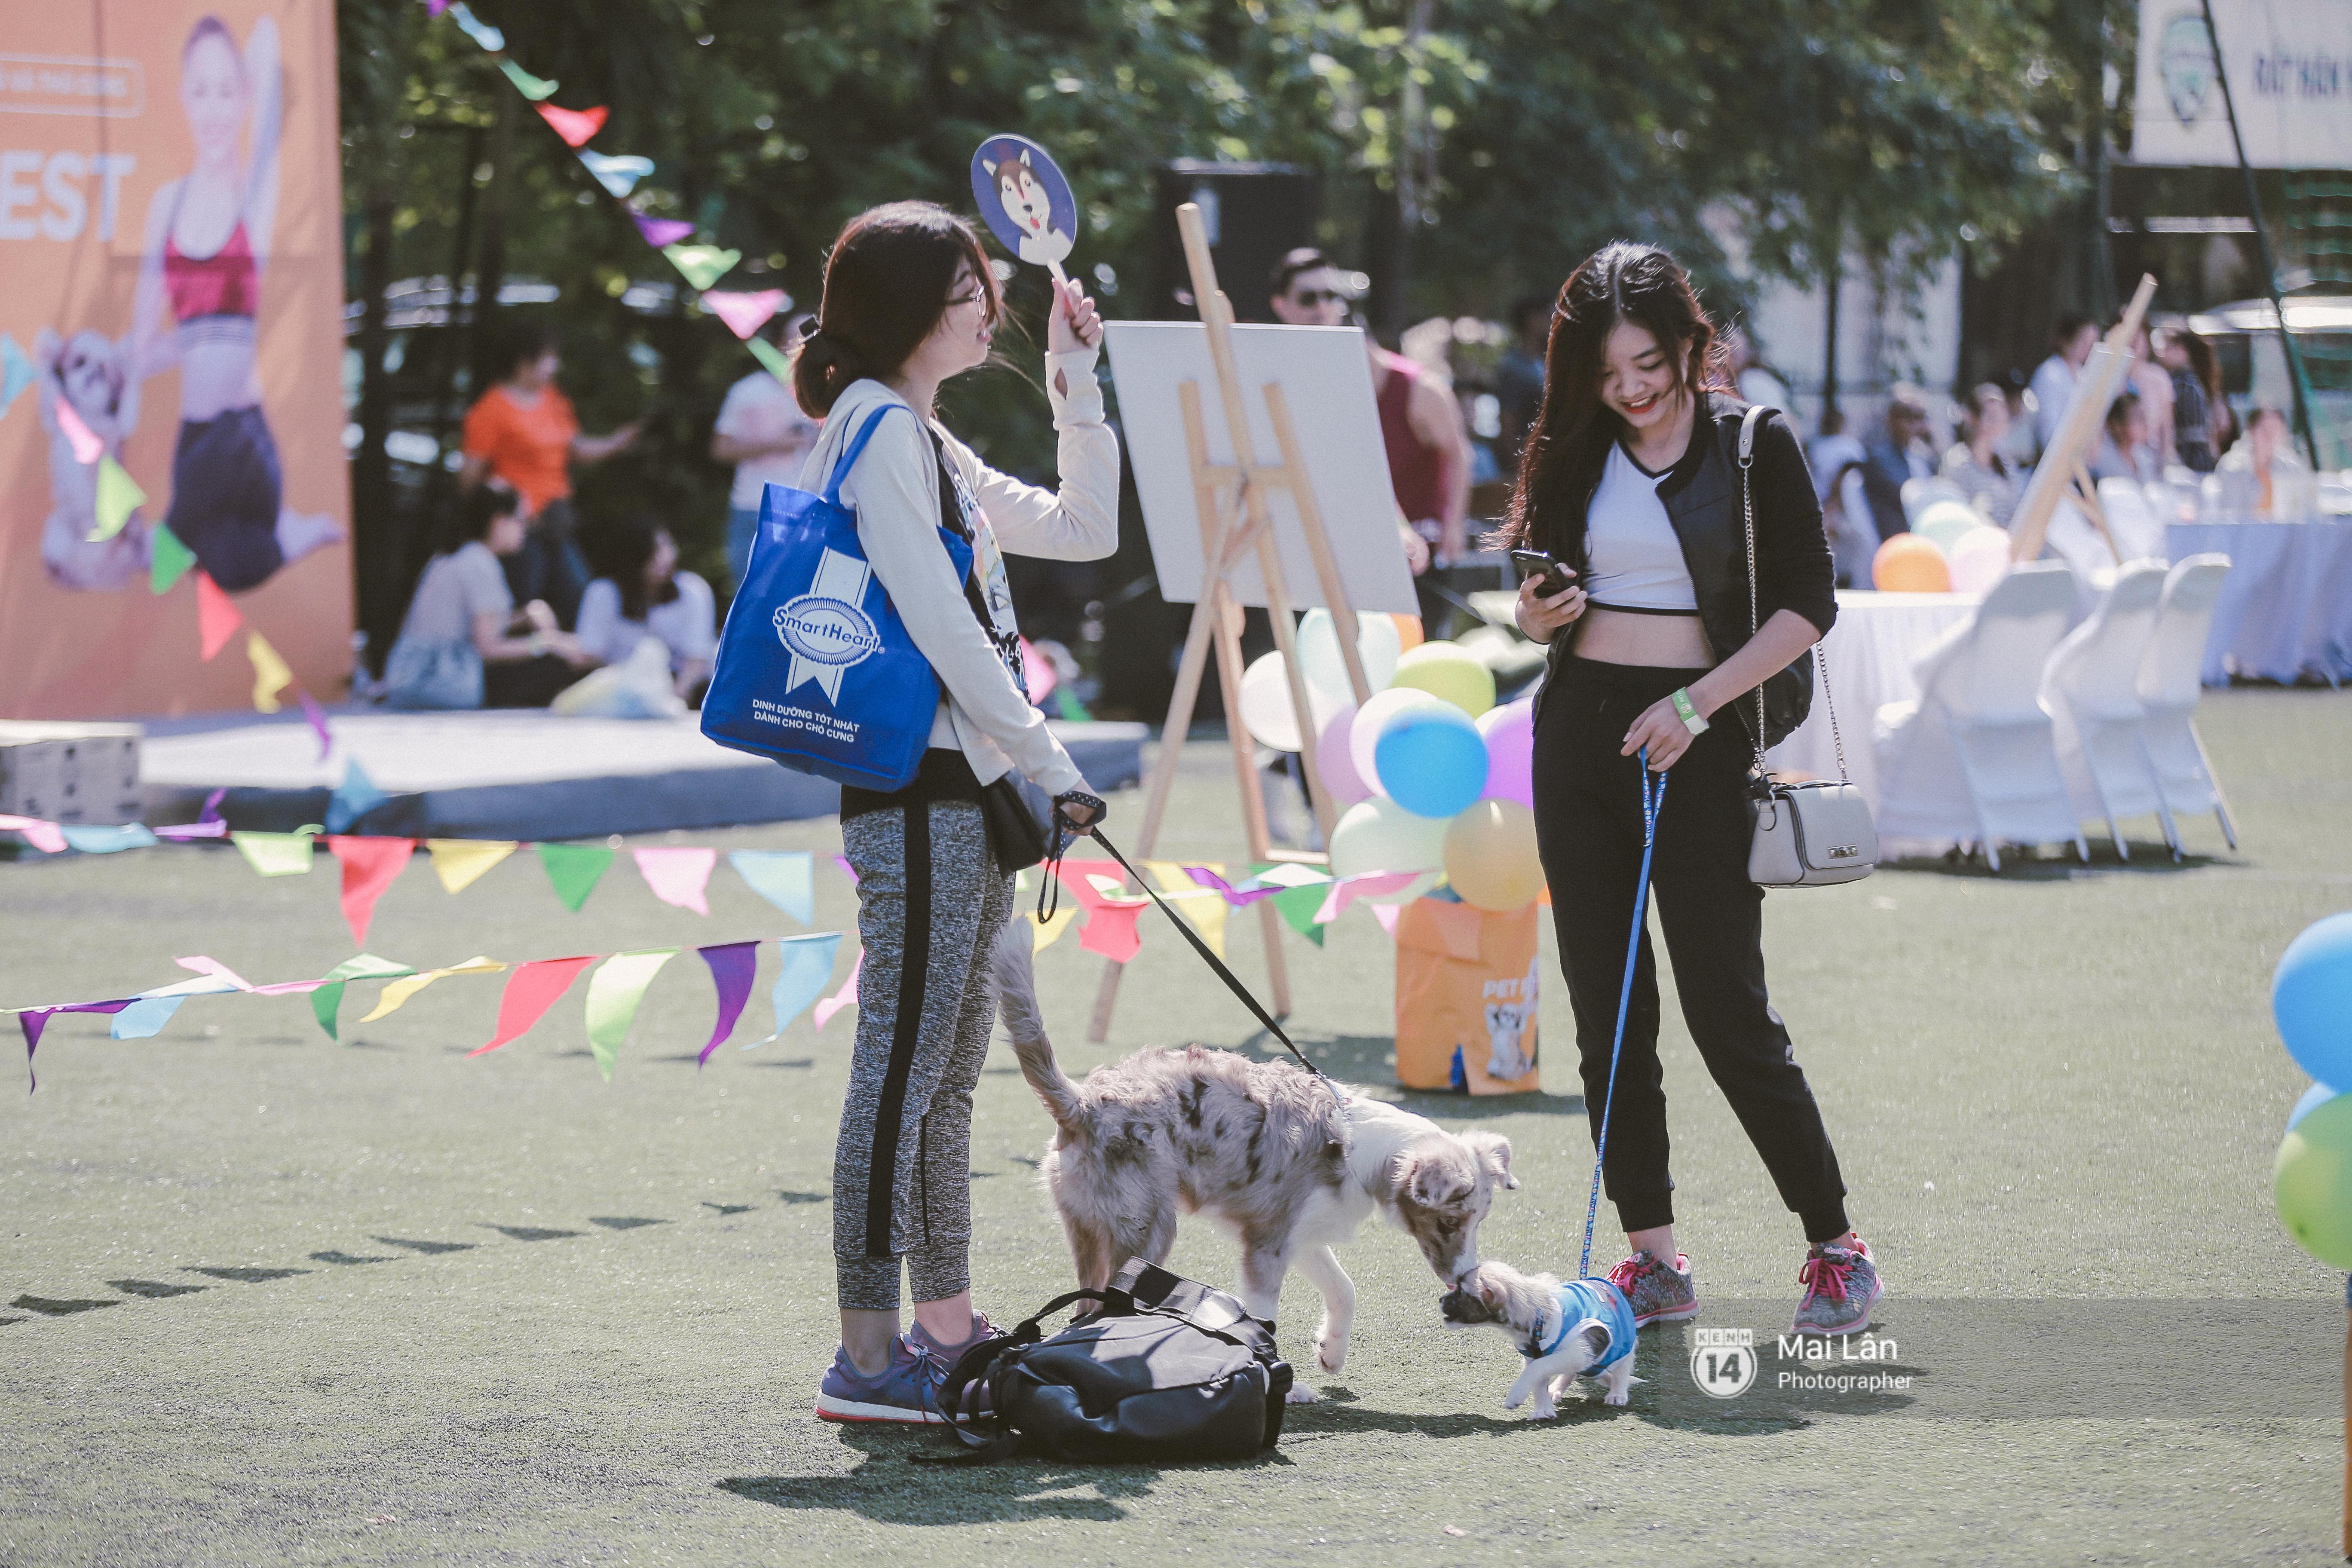 Lễ hội thể thao dành cho chủ và thú cưng độc đáo, đáng yêu nhất Hà Nội! - Ảnh 11.